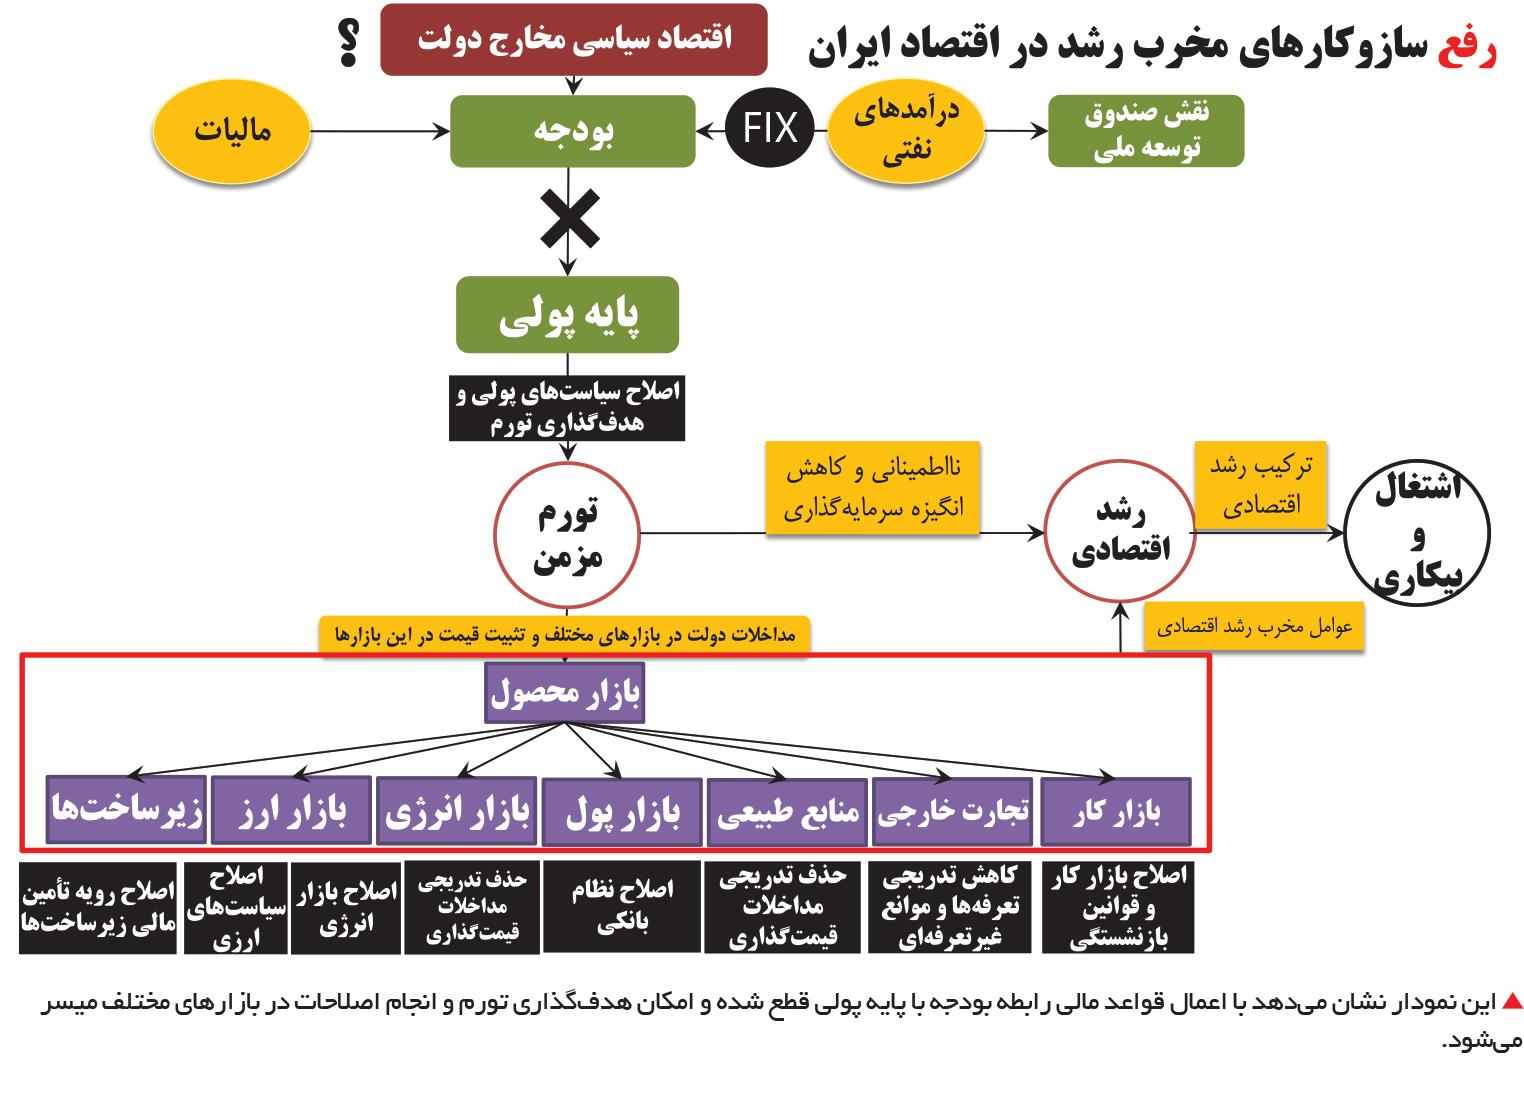 تجارت فردا- رفع سازوکارهای مخرب رشد در اقتصاد ایران2